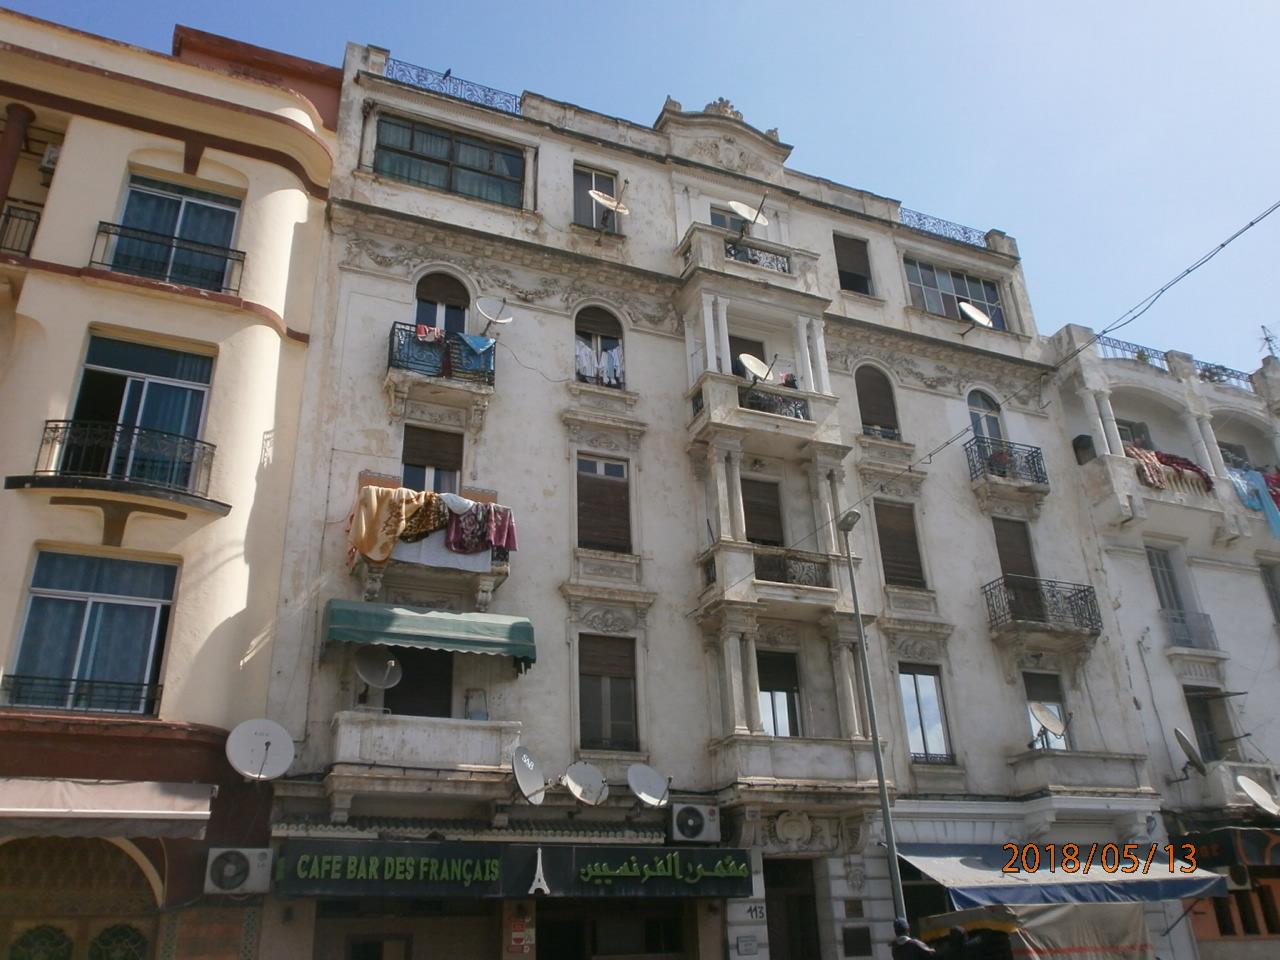 Camera Commercio Italo Marocchina Casablanca : Etnografia dal finestrino. sguardi sul marocco da un pullman in